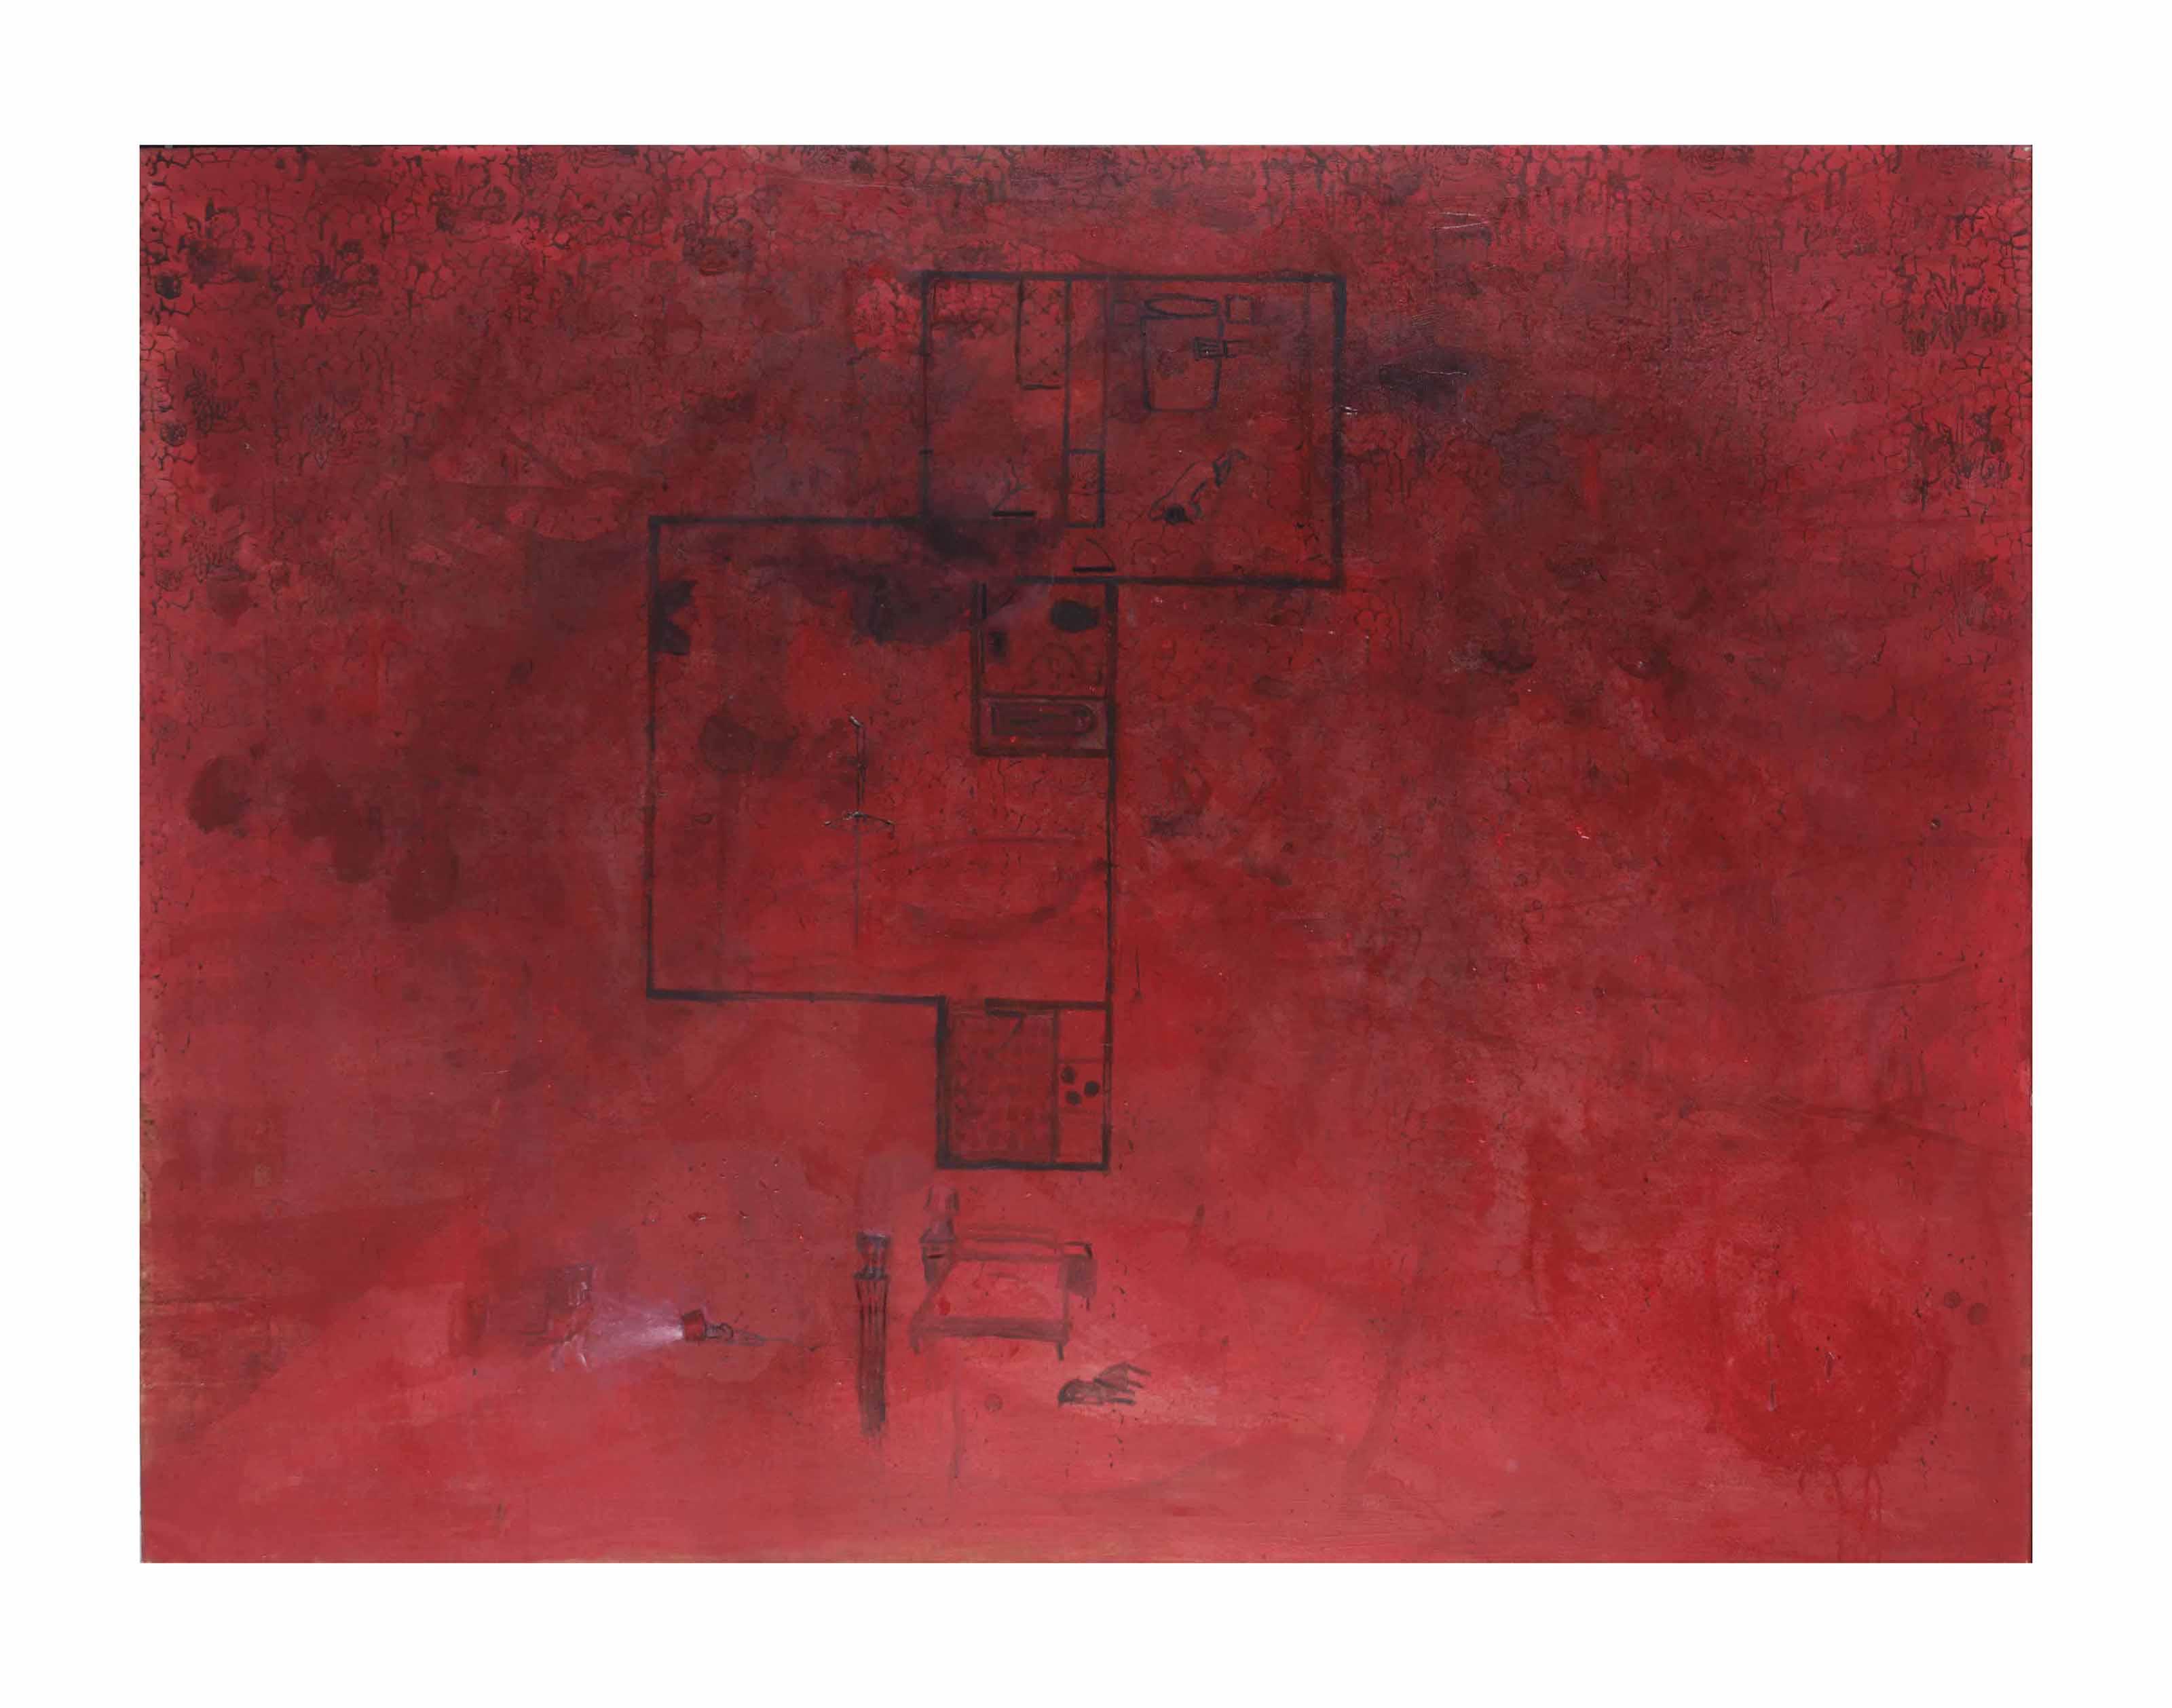 Red plan